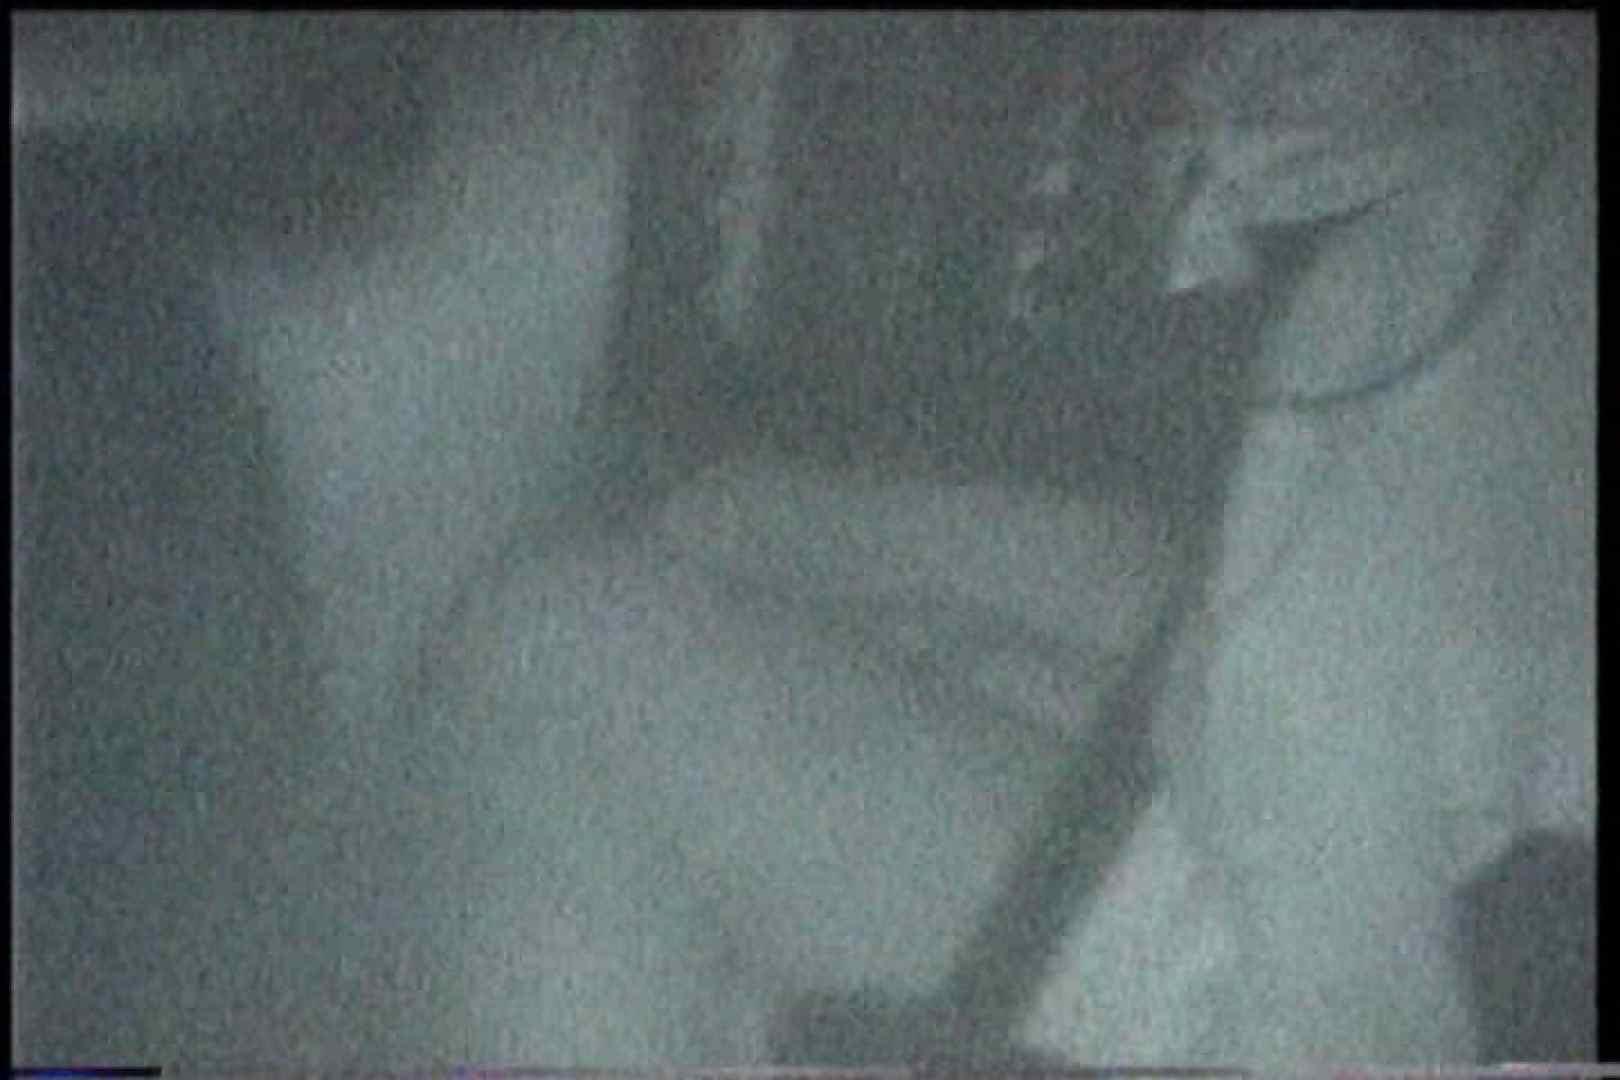 充血監督の深夜の運動会Vol.187 エロティックなOL   エッチなセックス  96画像 5